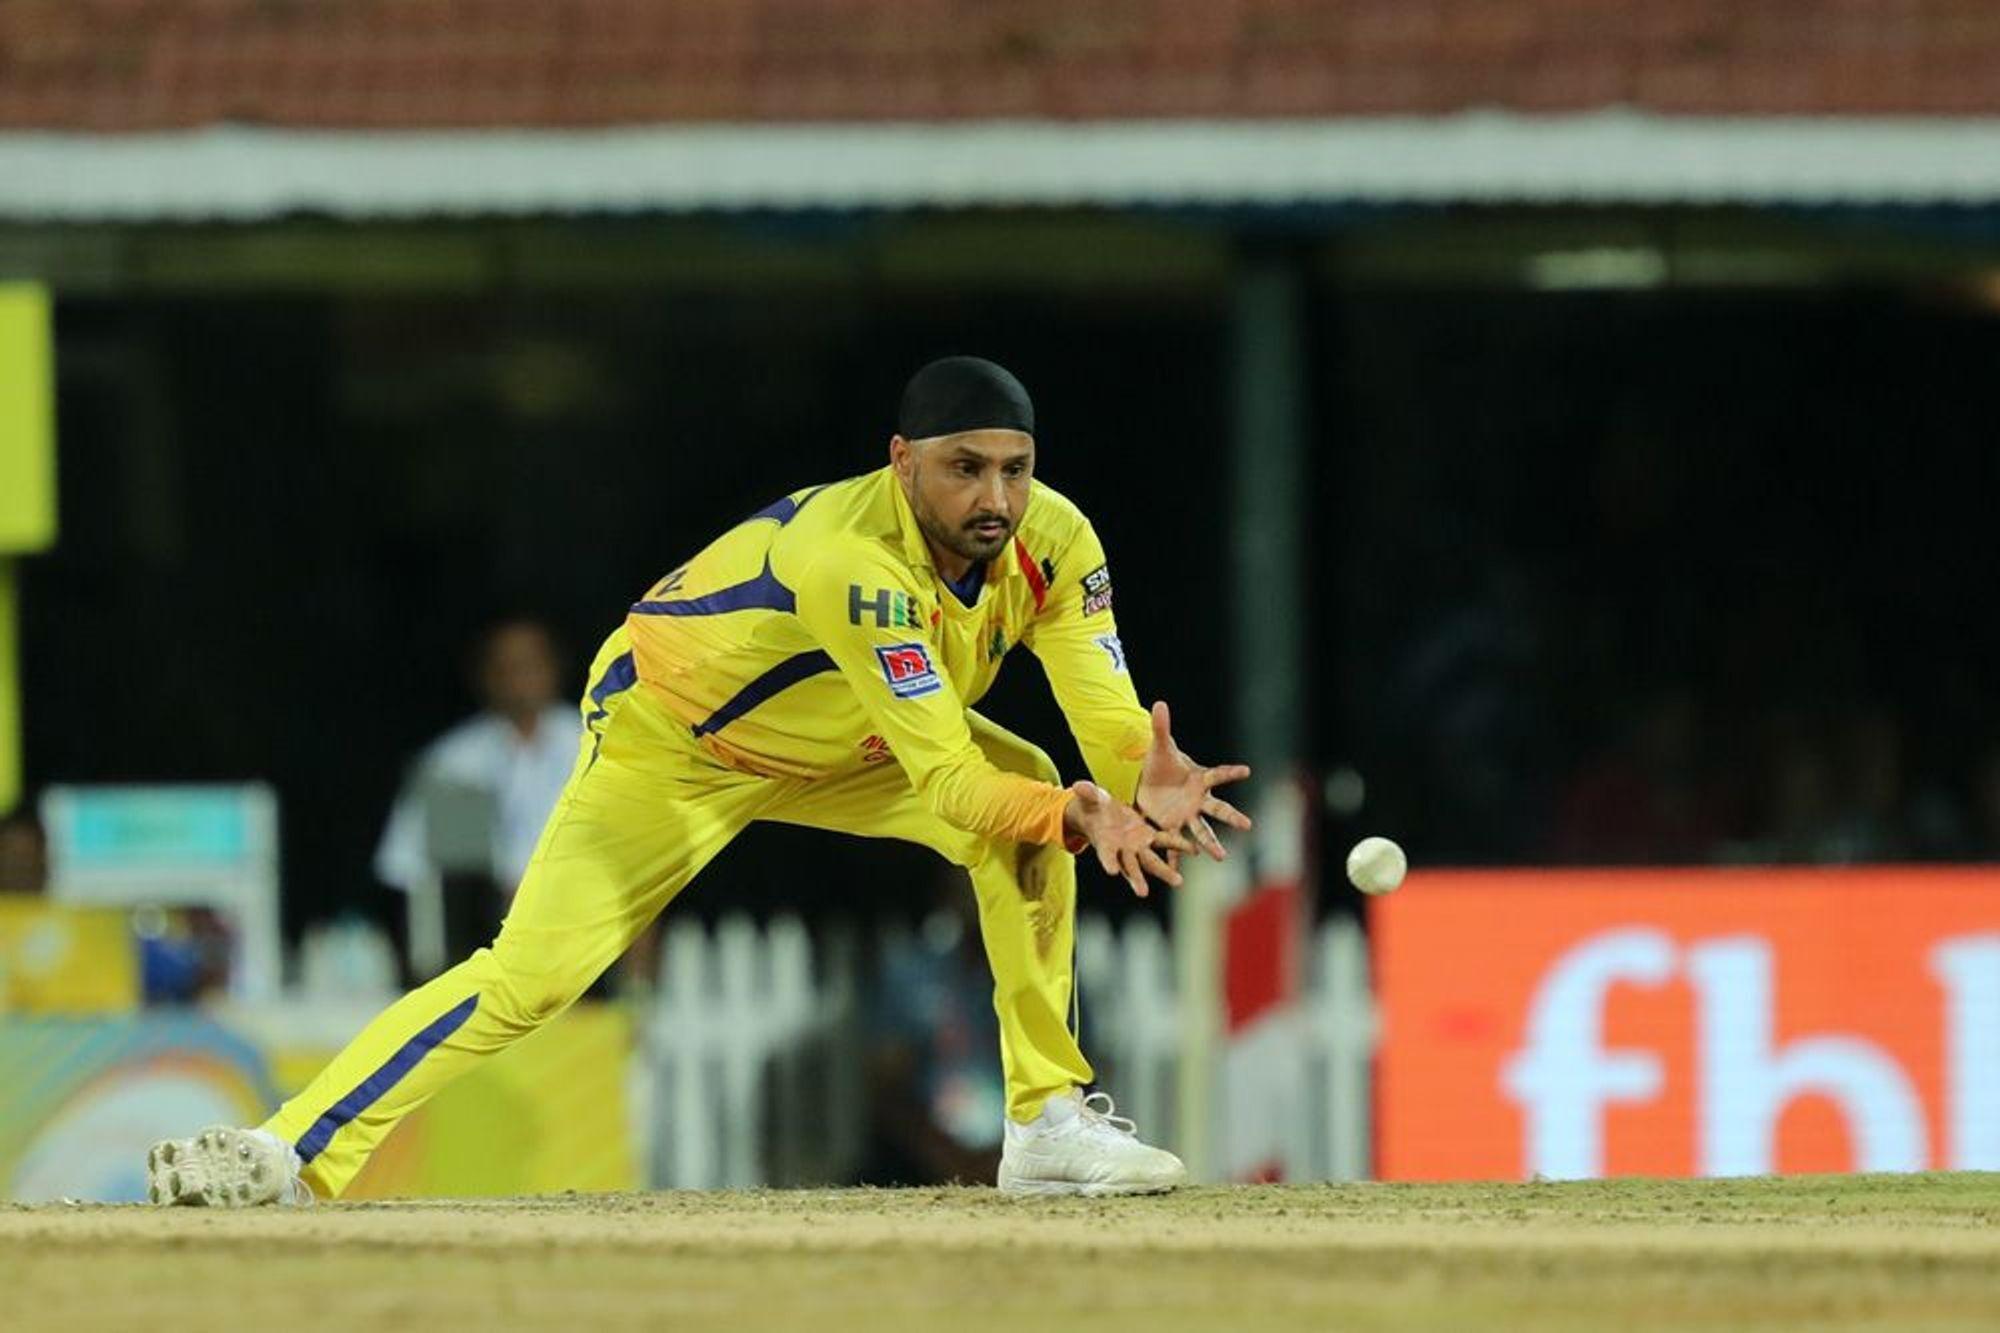 150 kmph की स्पीड से गेंदबाजी करने वाले इस भारतीय खिलाड़ी को विश्वकप टीम में देखना चाहते थे हरभजन सिंह 2